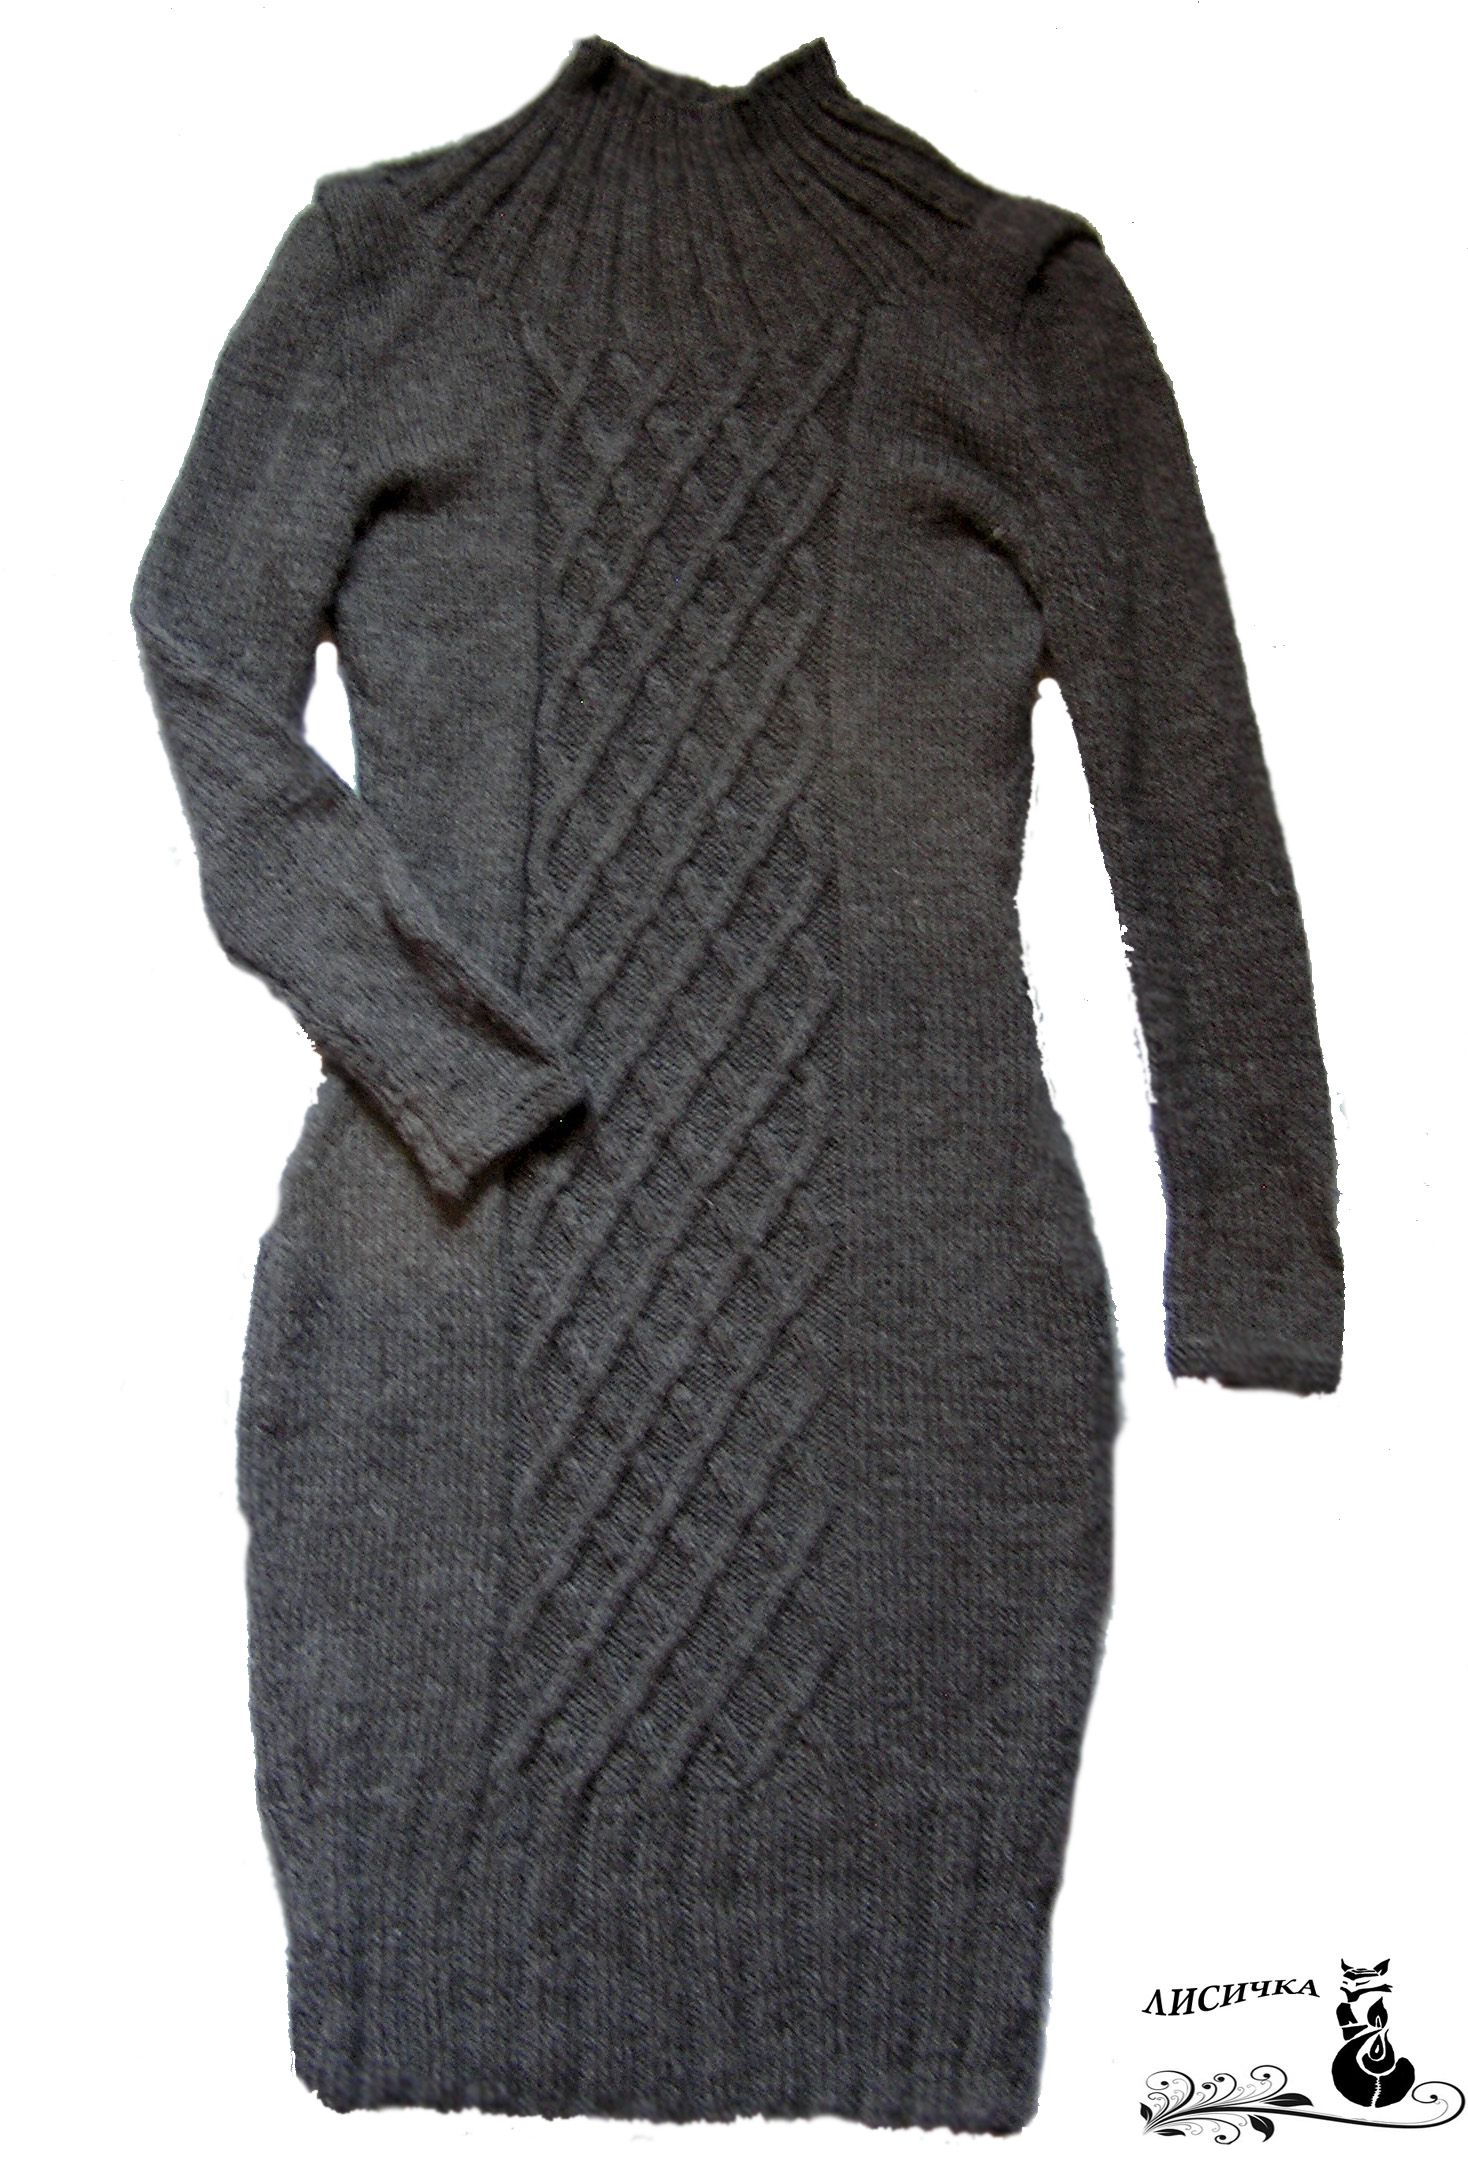 платьевязаное шерстяноеплатье зимнееплатье платьешерстяное платьескосами платьеназаказ зимняяодежда зимняямода платьеспицами платье